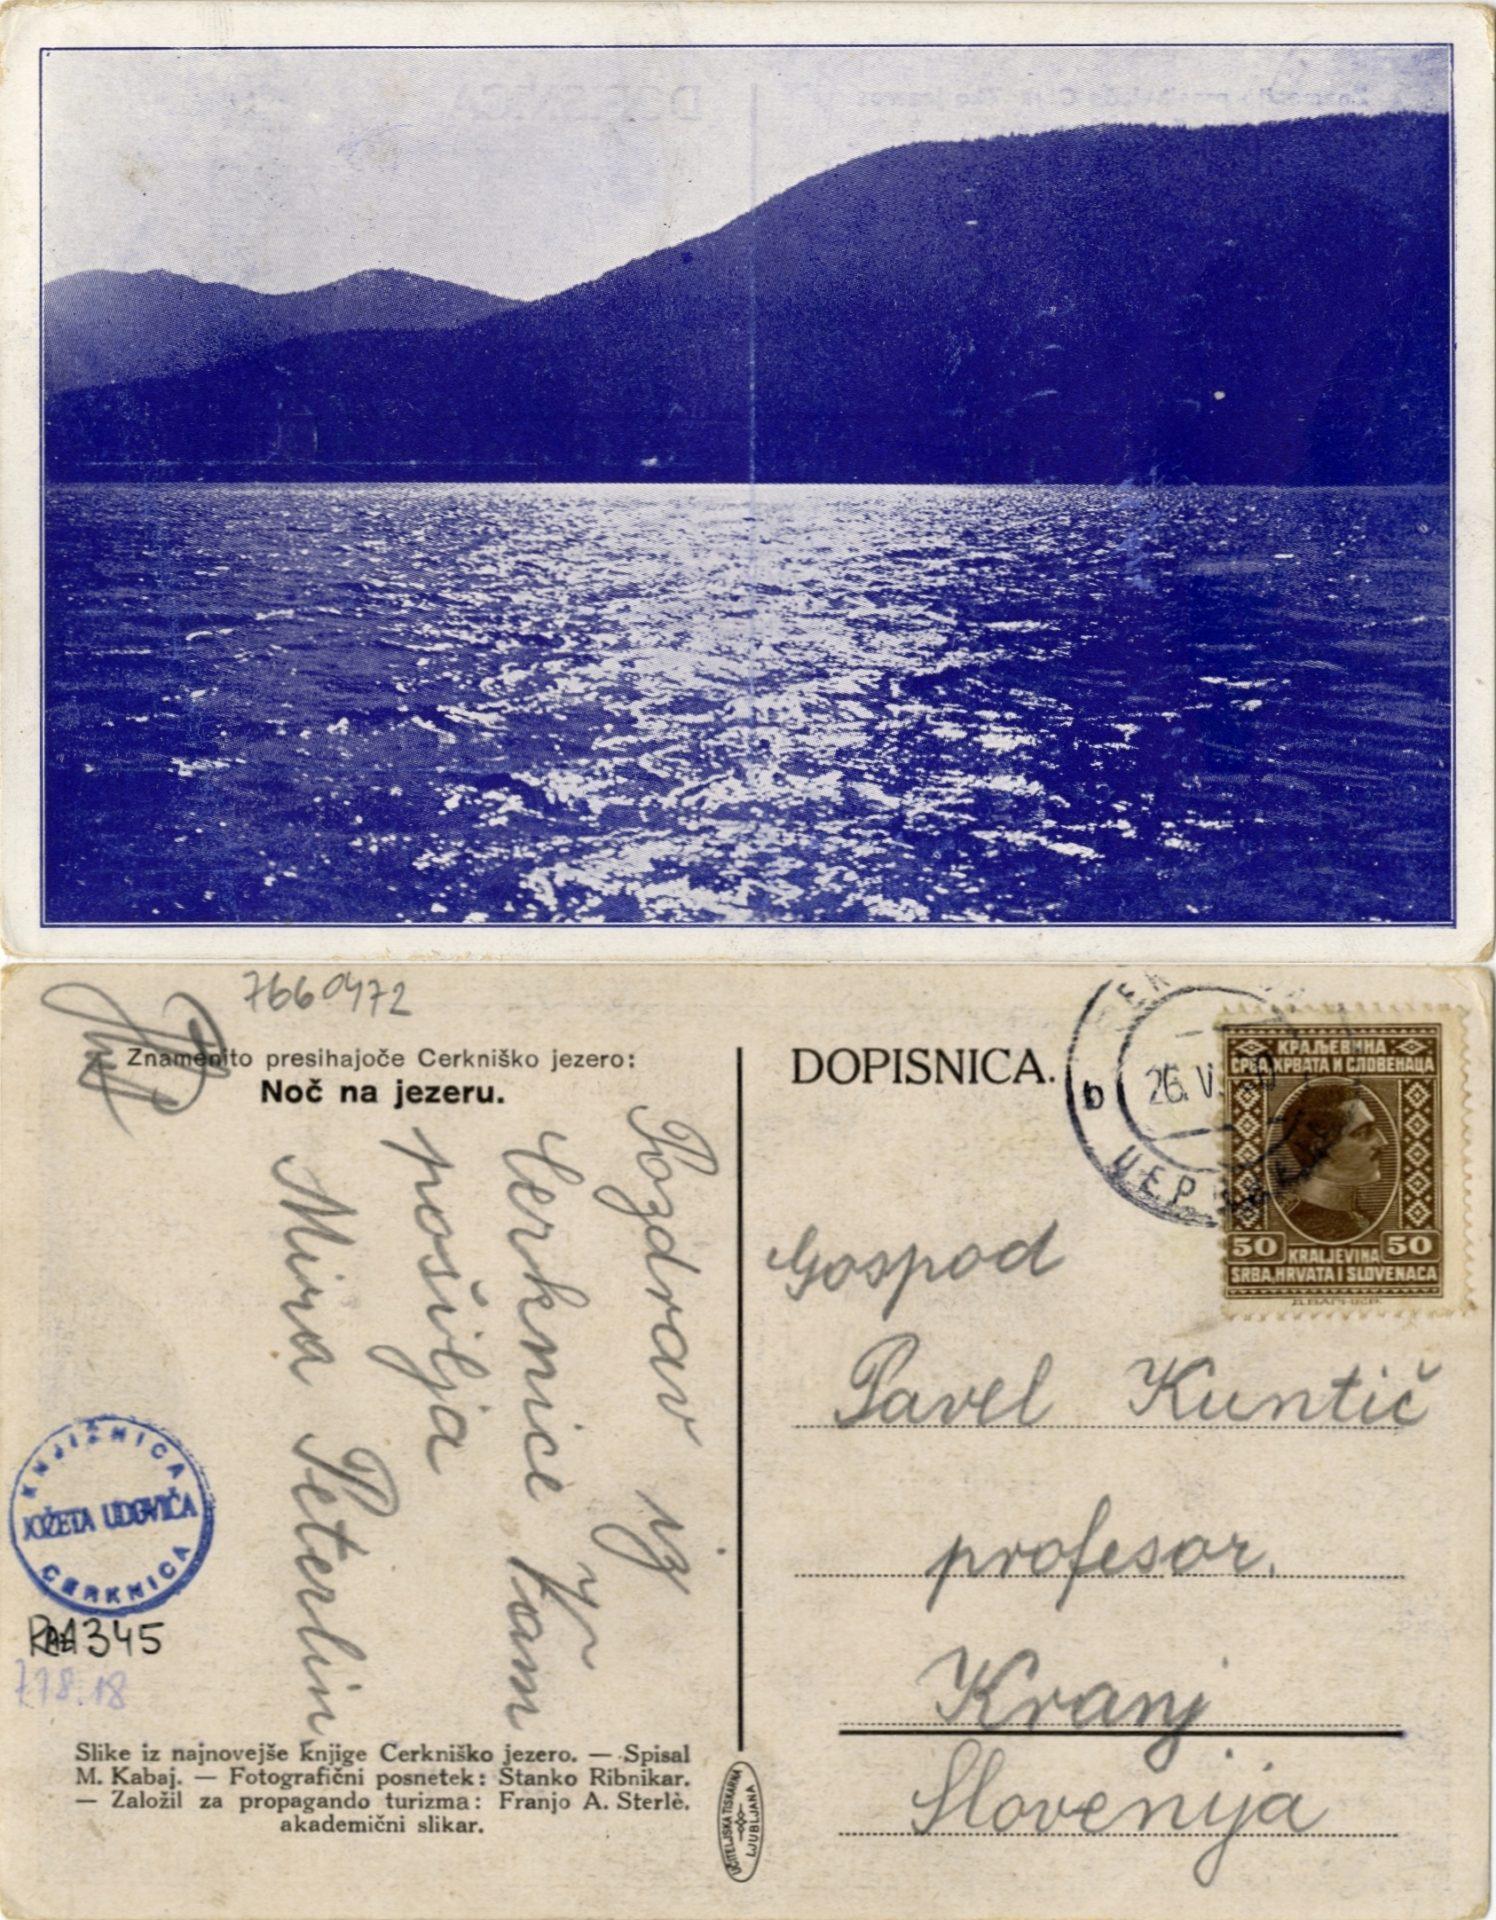 zlimano 14 - Cerkniško jezero